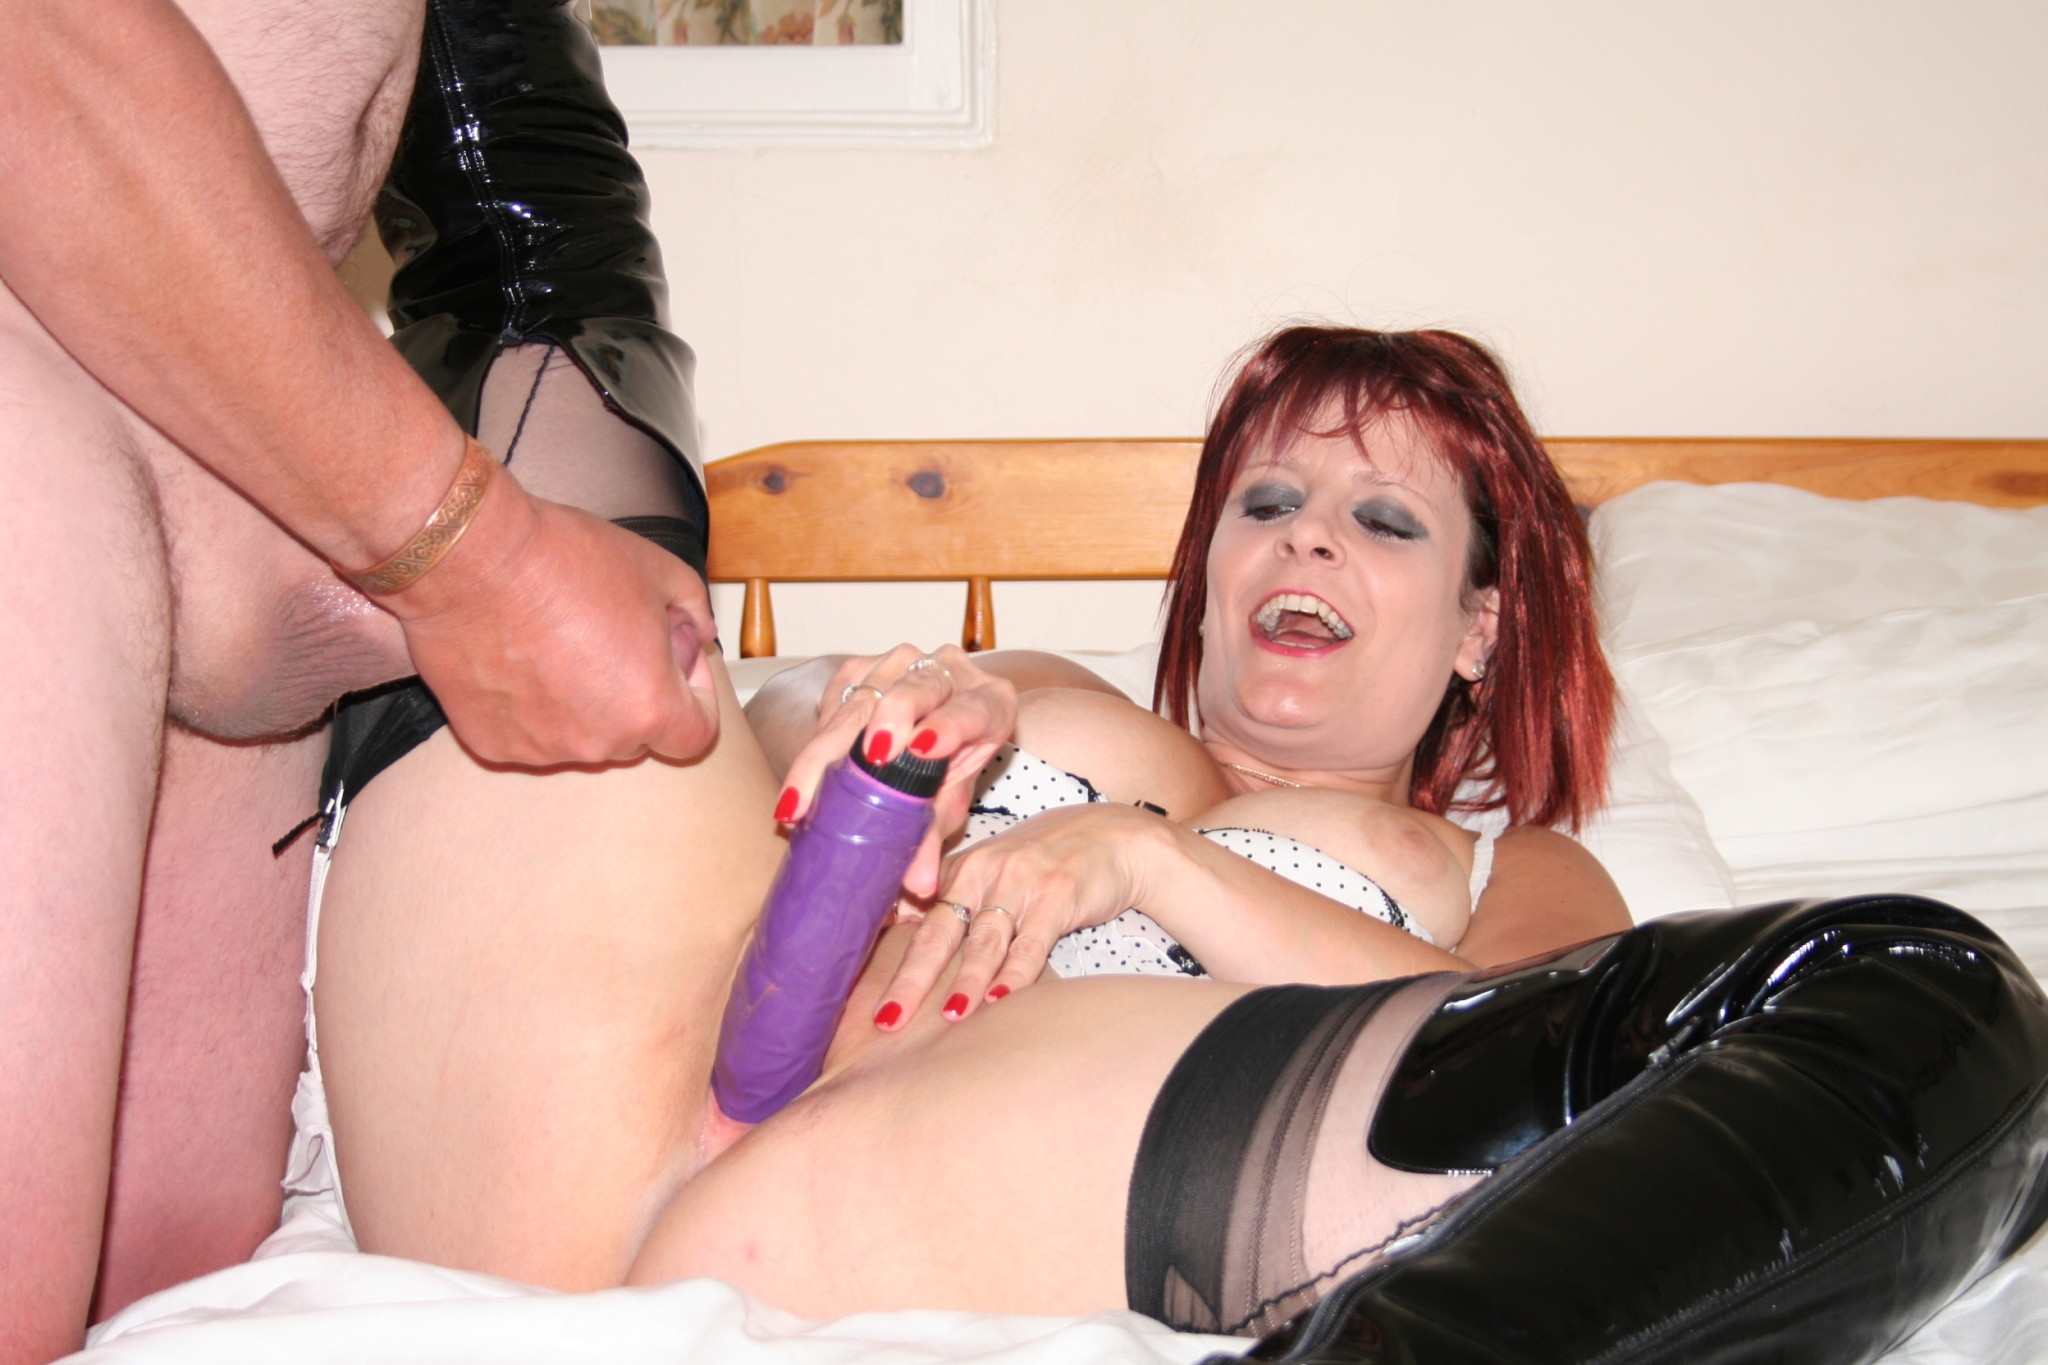 Зрелая женщина в неформатном образе показывает всю свою распущенность